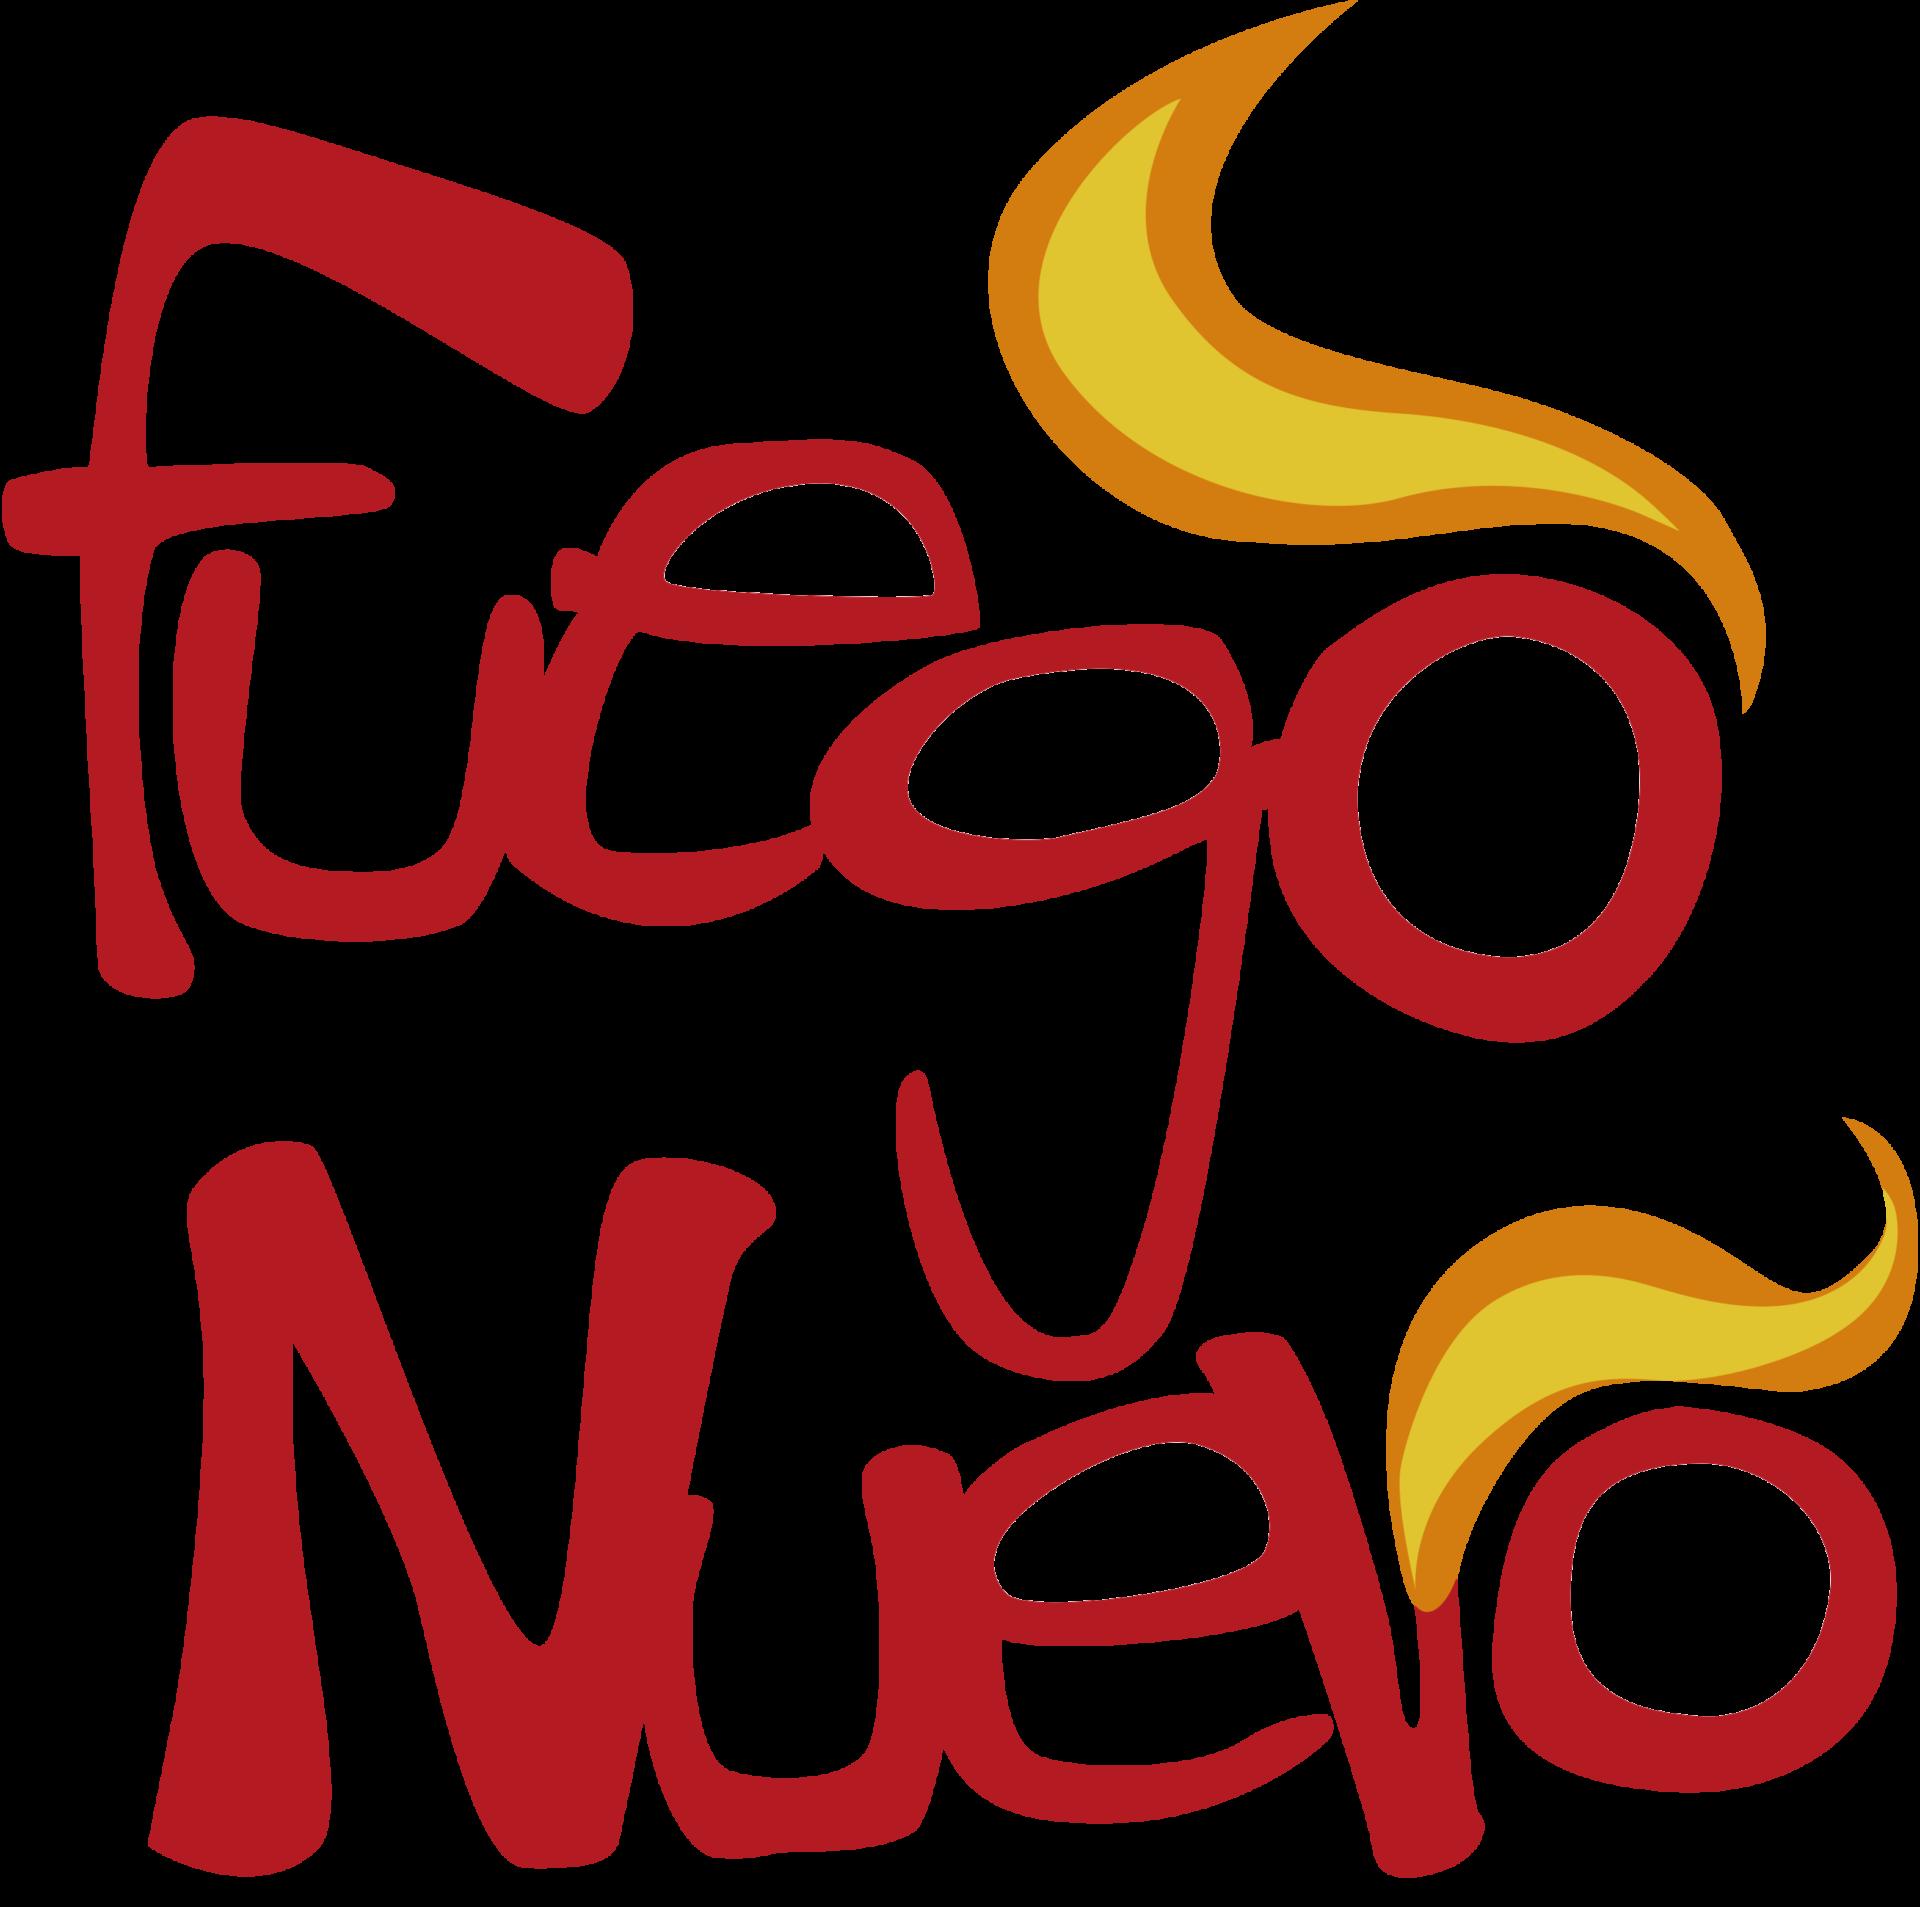 Fuego Nuevo · Colegios Irlandesas